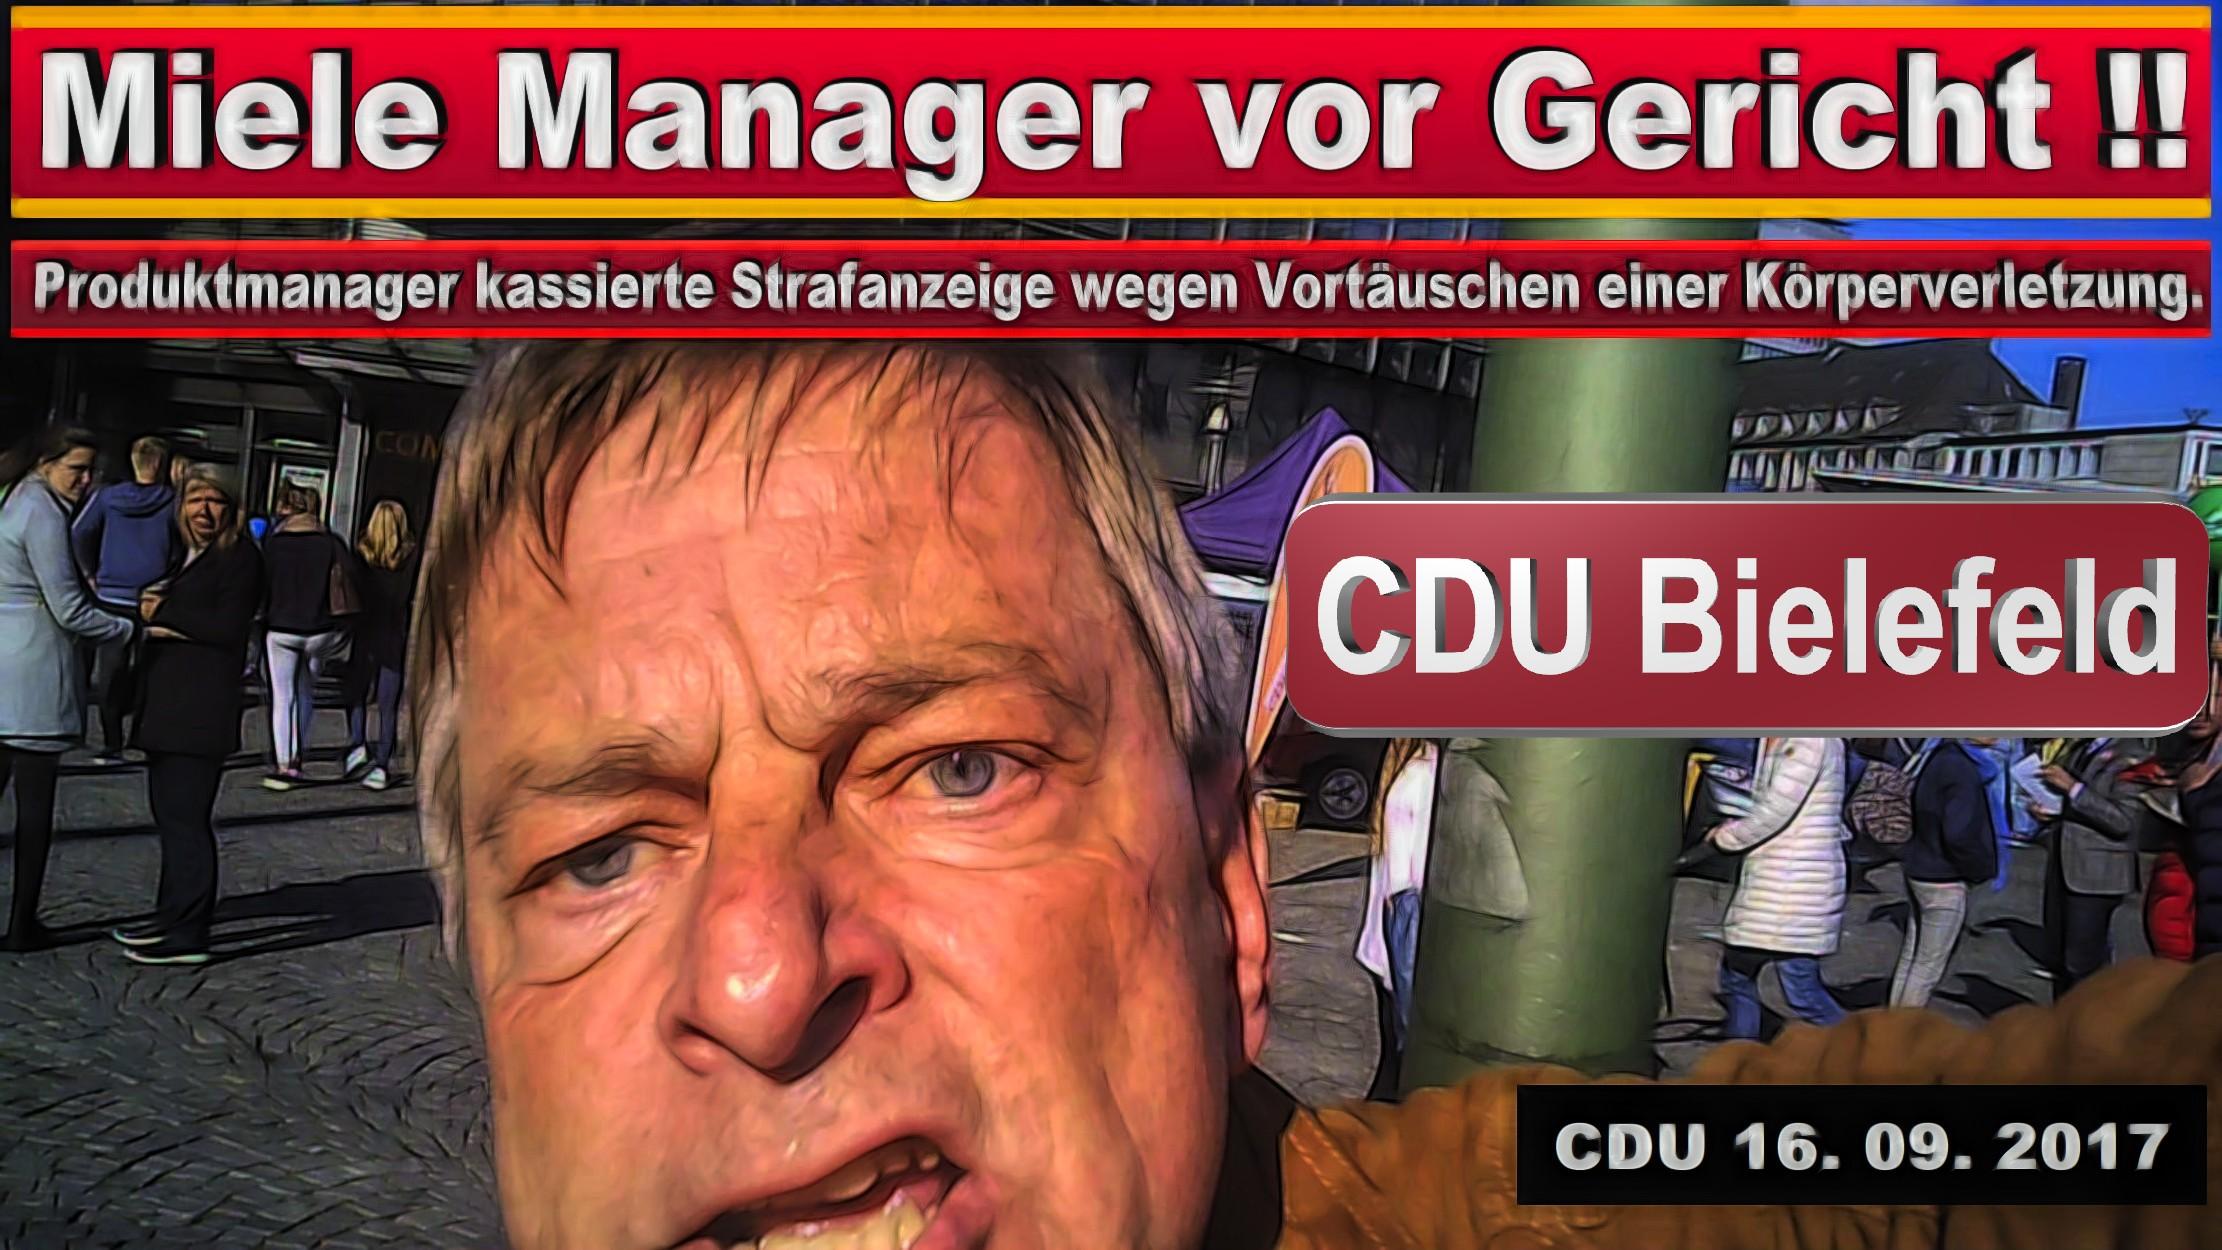 MICHAEL WEBER MIELE GüTERSLOH CDU BIELEFELD POLIZEIGEWALT GEWALTAUSBRUCH UND STRAFANZEIGE GEGEN EINEN JOURNALISTEN (3) CVEDIT KOPIE